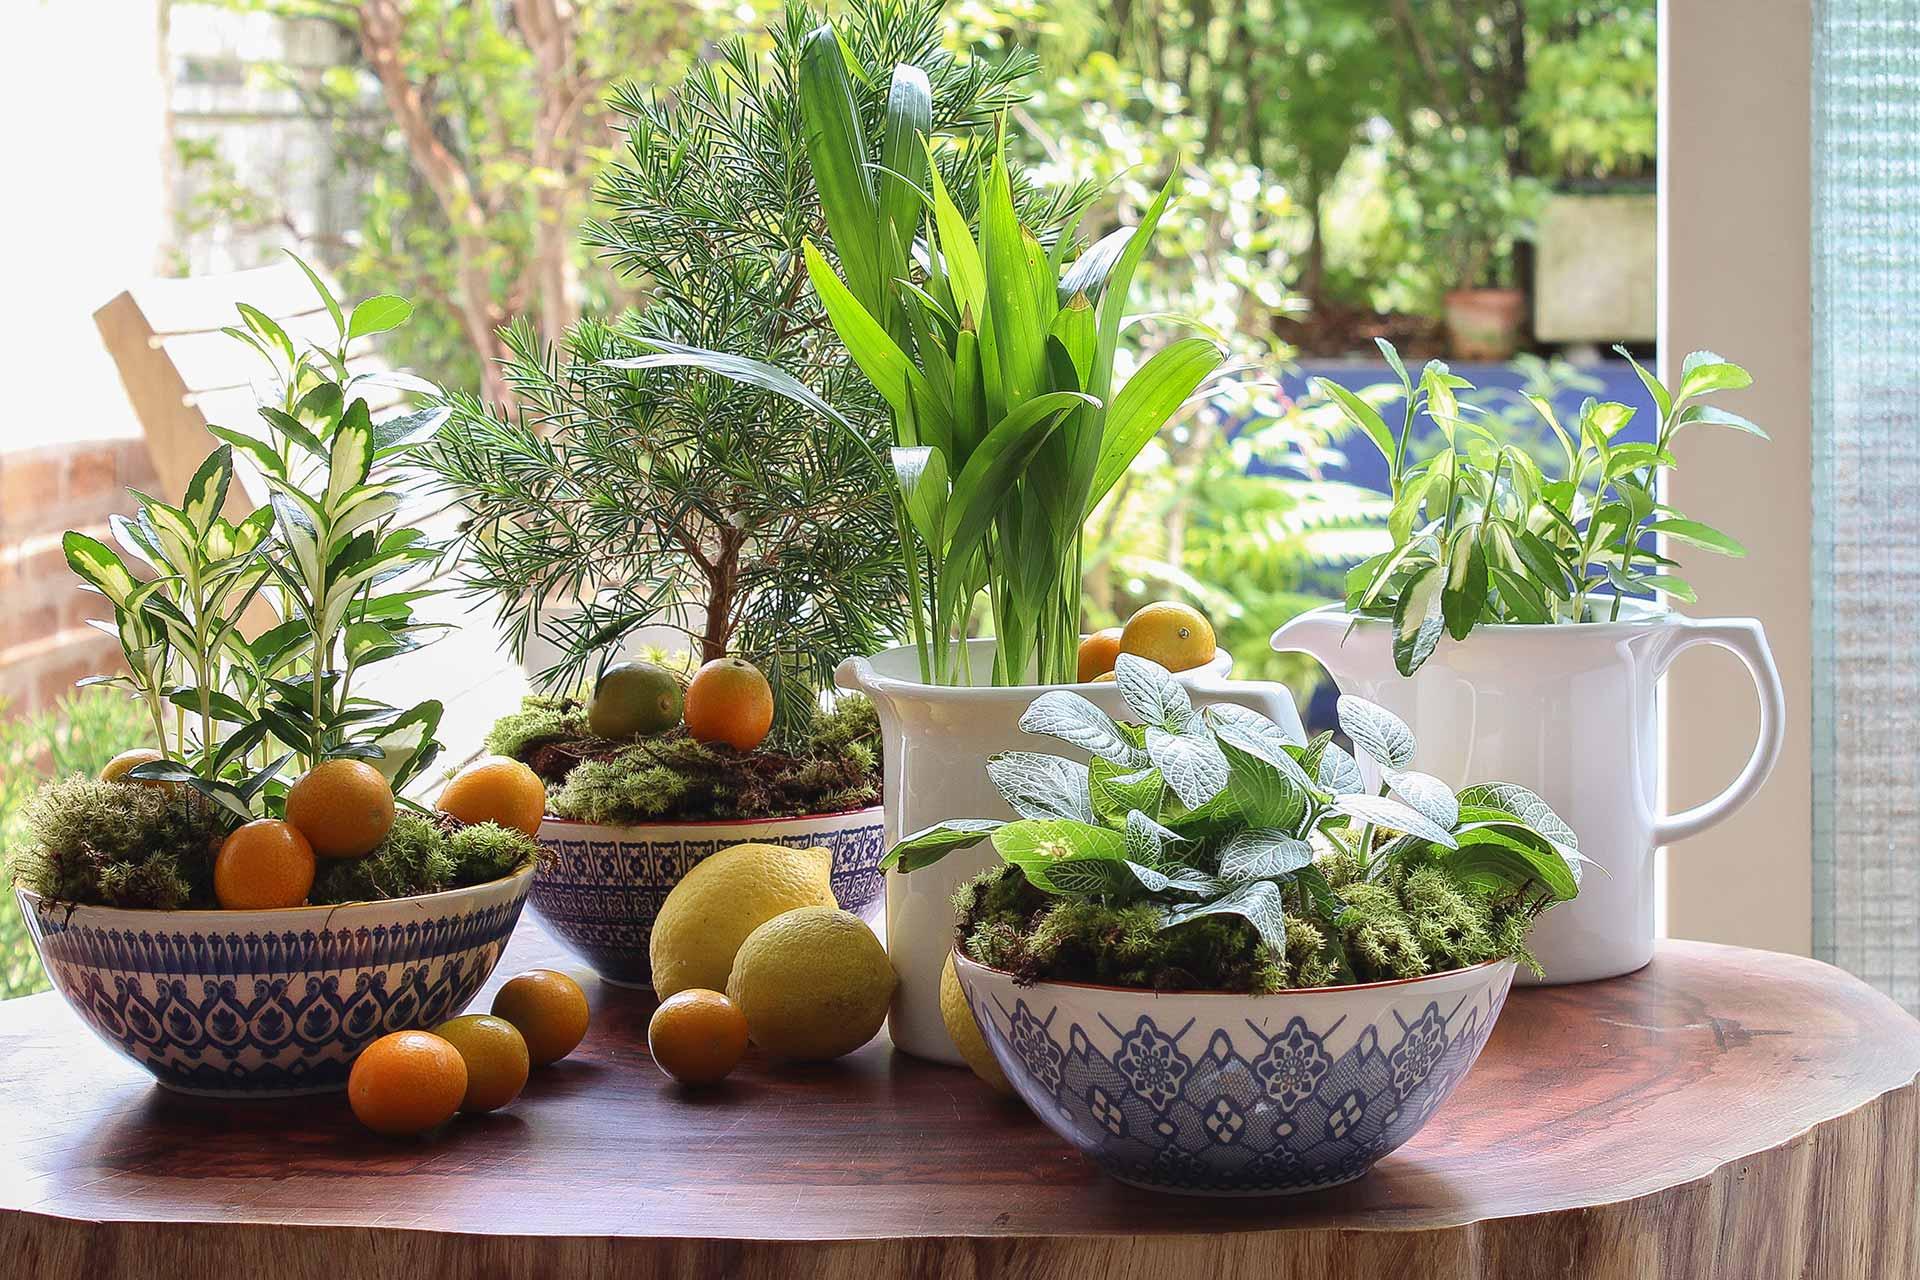 Imagem: Dá pra apostar em bowls estampados, lisos ou até brancos. Tudo depende do seu estilo e da sua composição de mesa posta. Foto: Cacá Bratke.